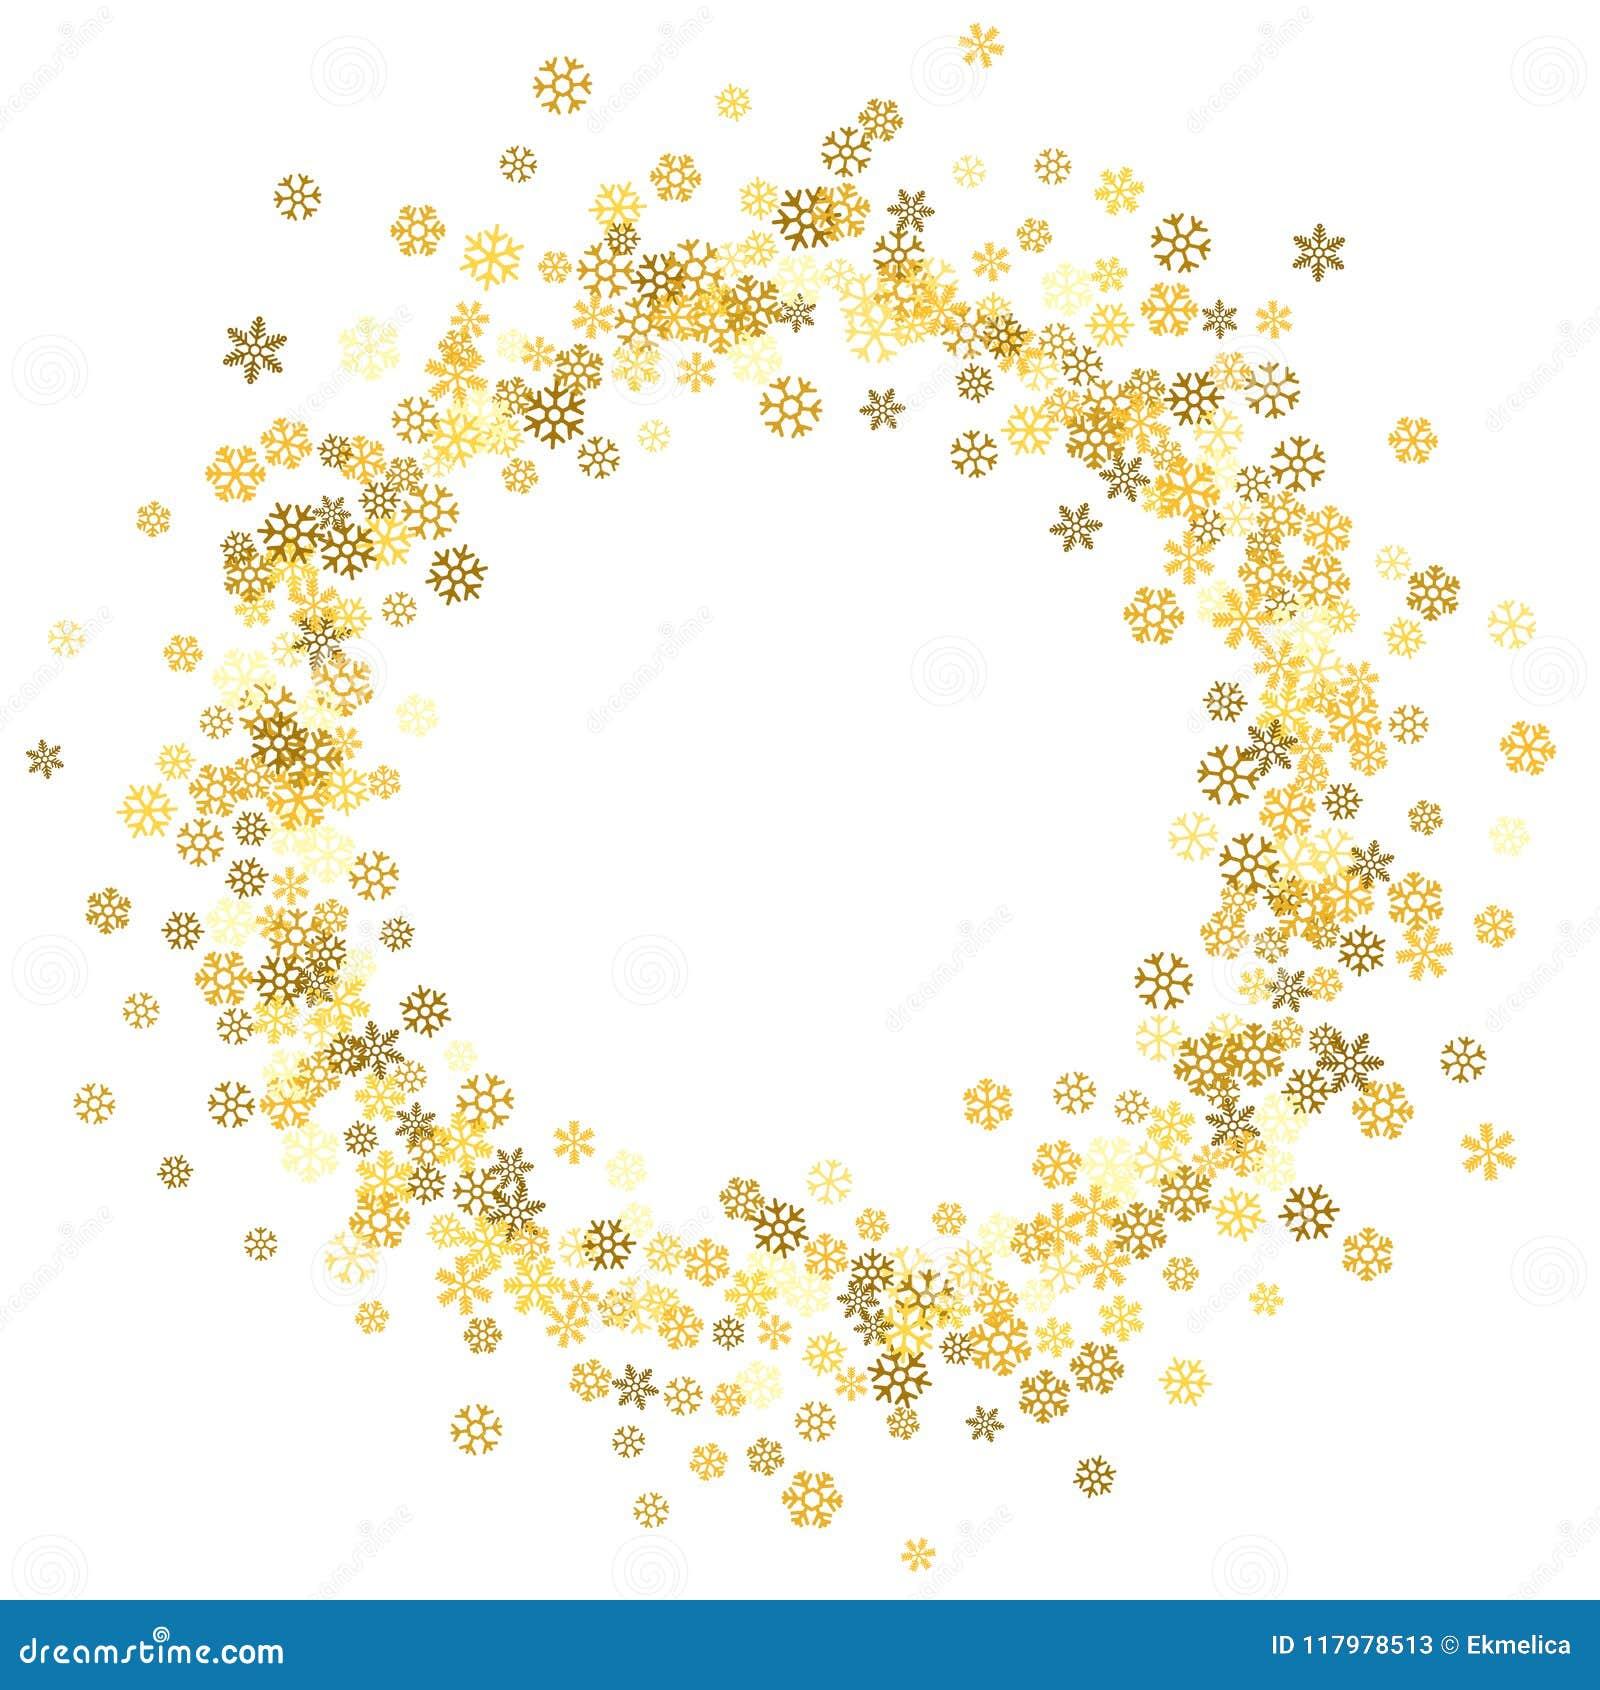 8671c3d54ae Round gold frame or border of random scatter golden snowflakes on white  background. Design element for festive banner